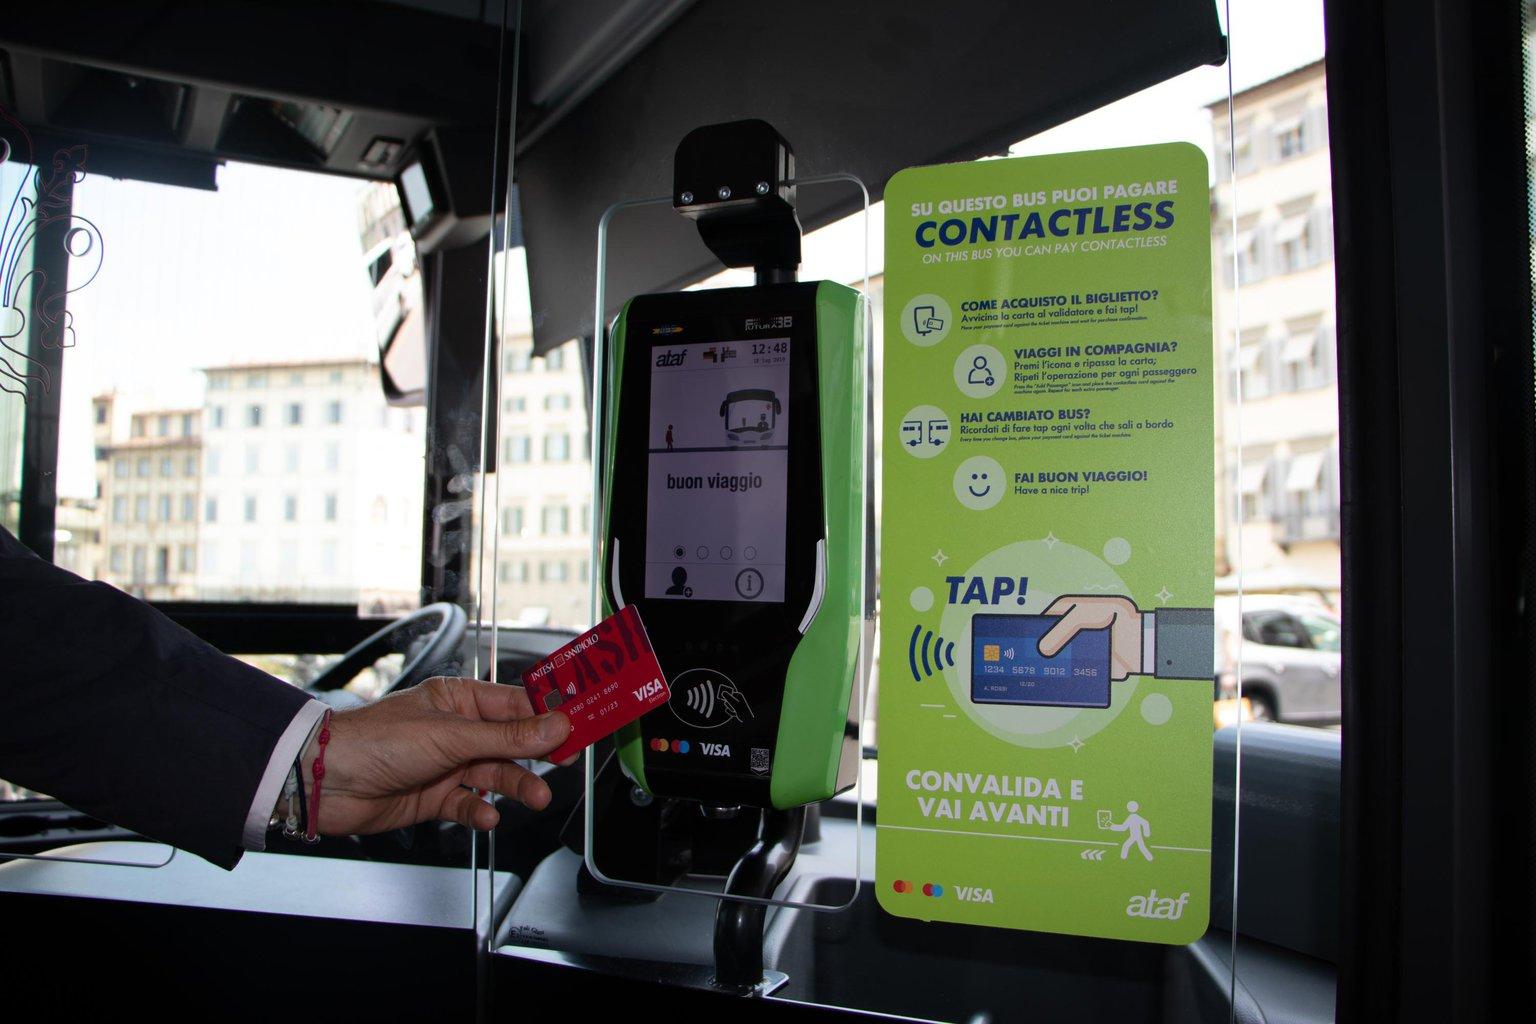 Visa, adesso a Firenze l'autobus si paga con la carta di credito